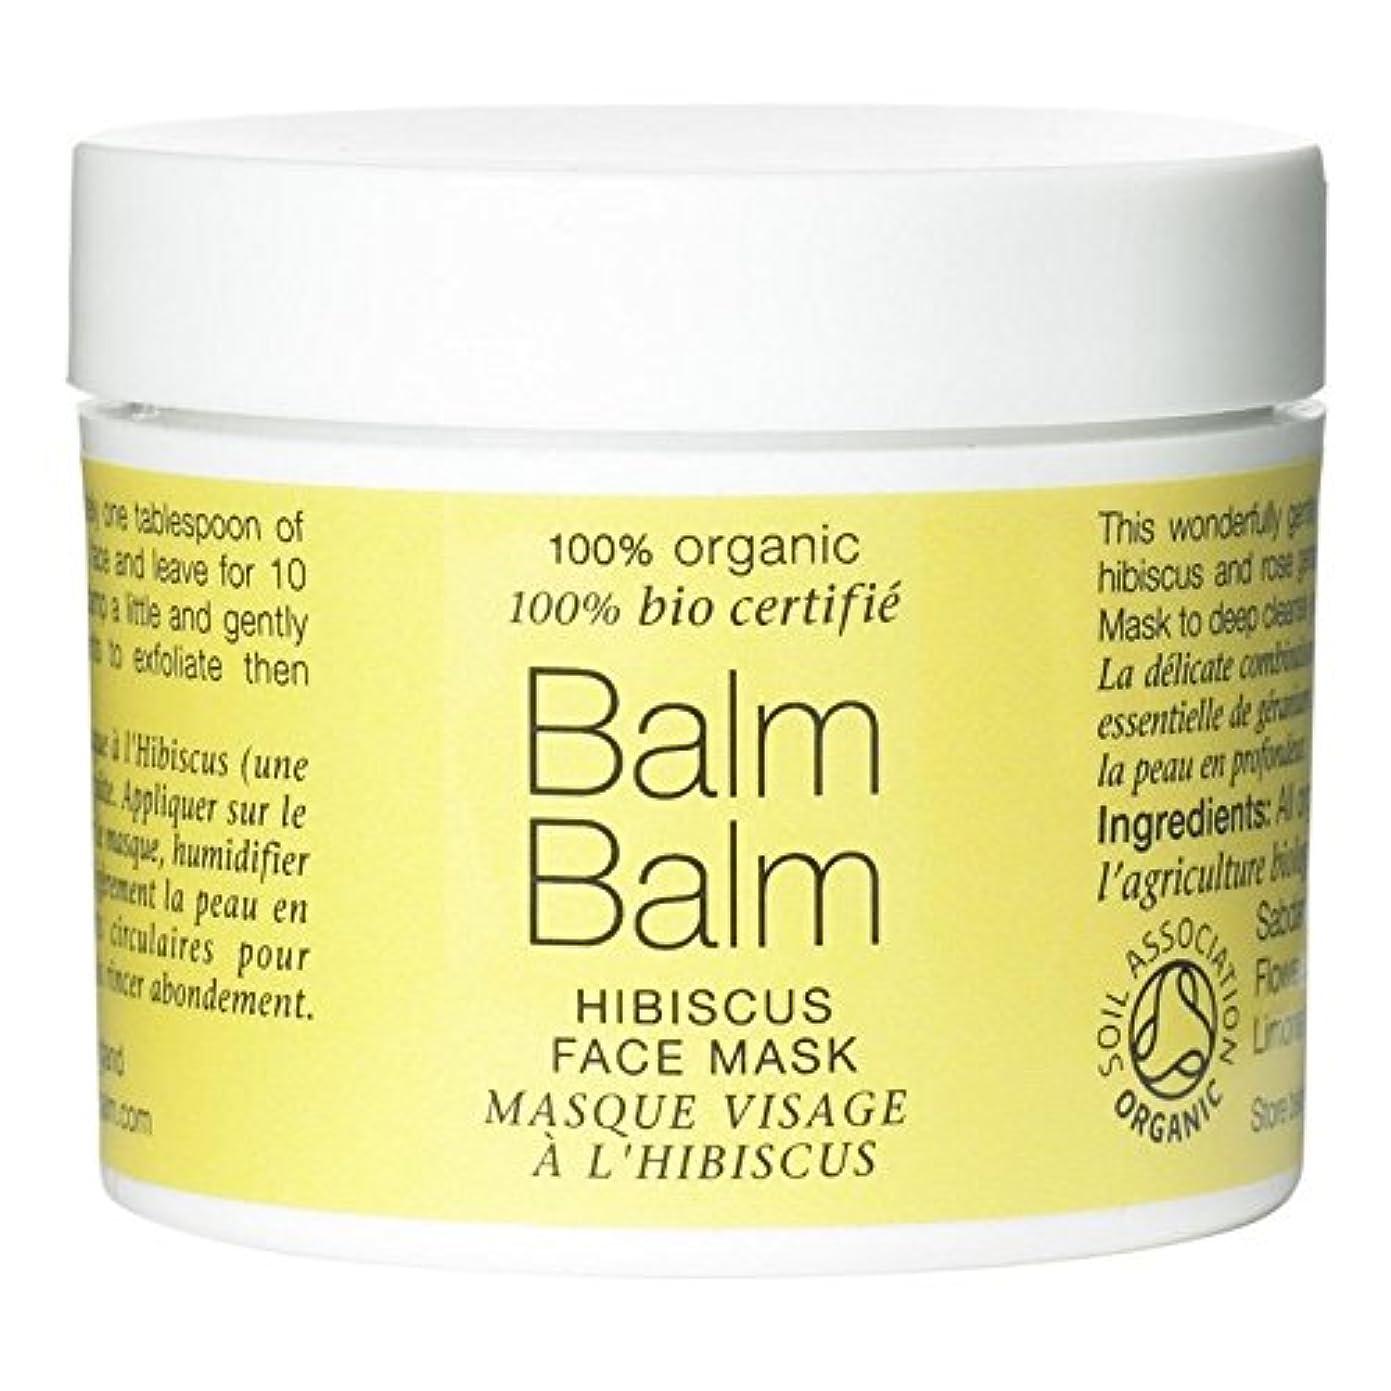 ドラムにはまって配置バームバームオーガニックハイビスカスフェイスマスク100グラム x2 - Balm Balm Organic Hibiscus Face Mask 100g (Pack of 2) [並行輸入品]